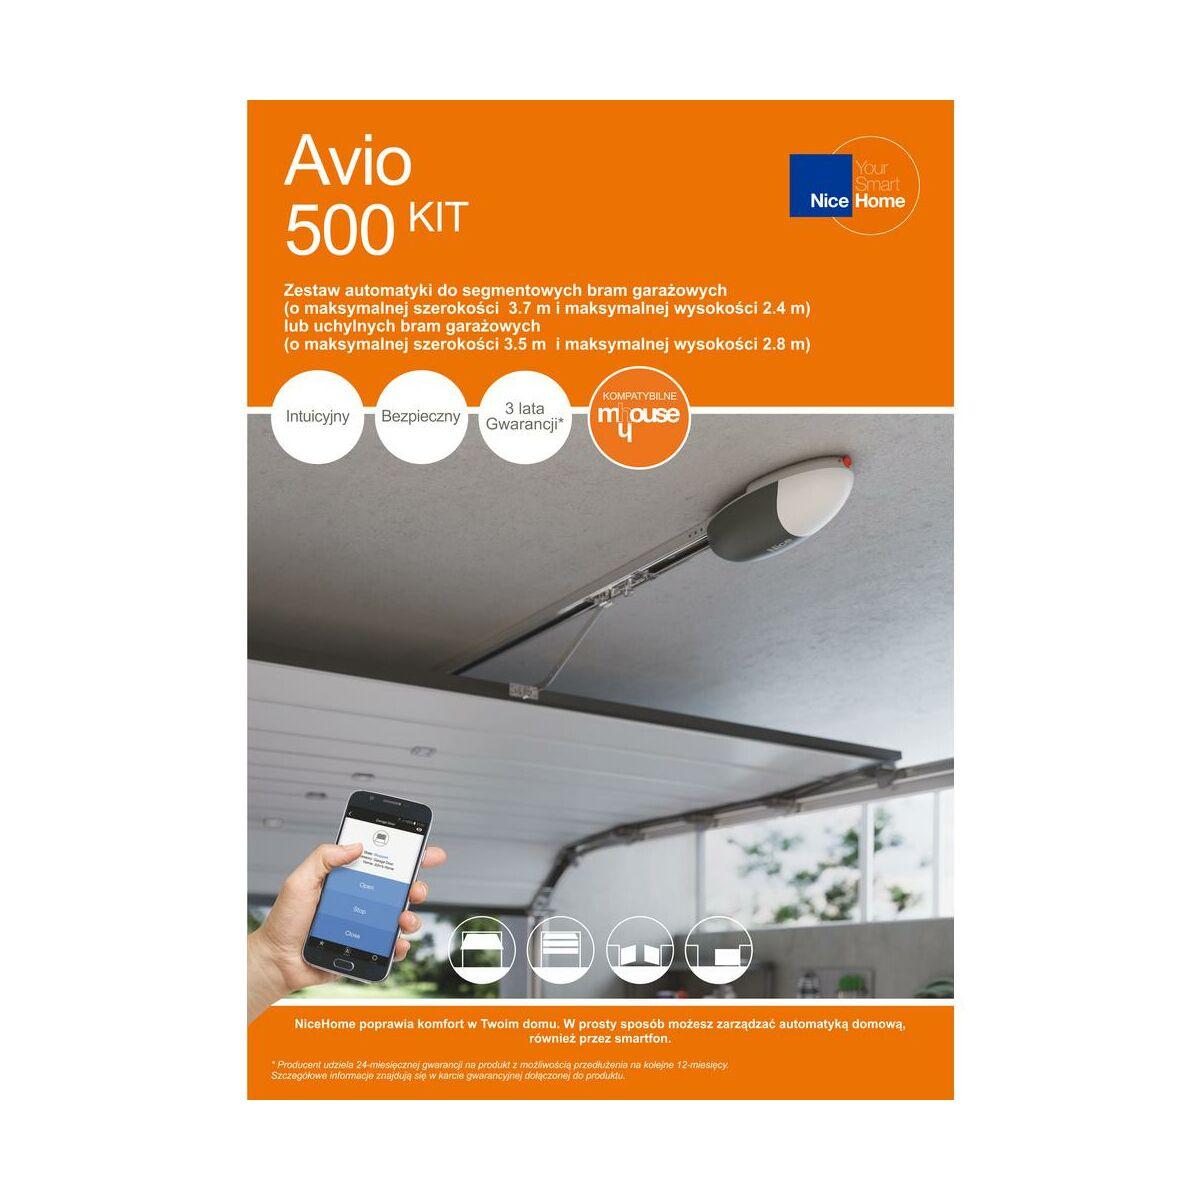 Naped Do Bram Garazowych Avio500 Nice Home Automatyka I Akcesoria Do Bram Garazowych W Atrakcyjnej Cenie W Sklepach Leroy Merlin